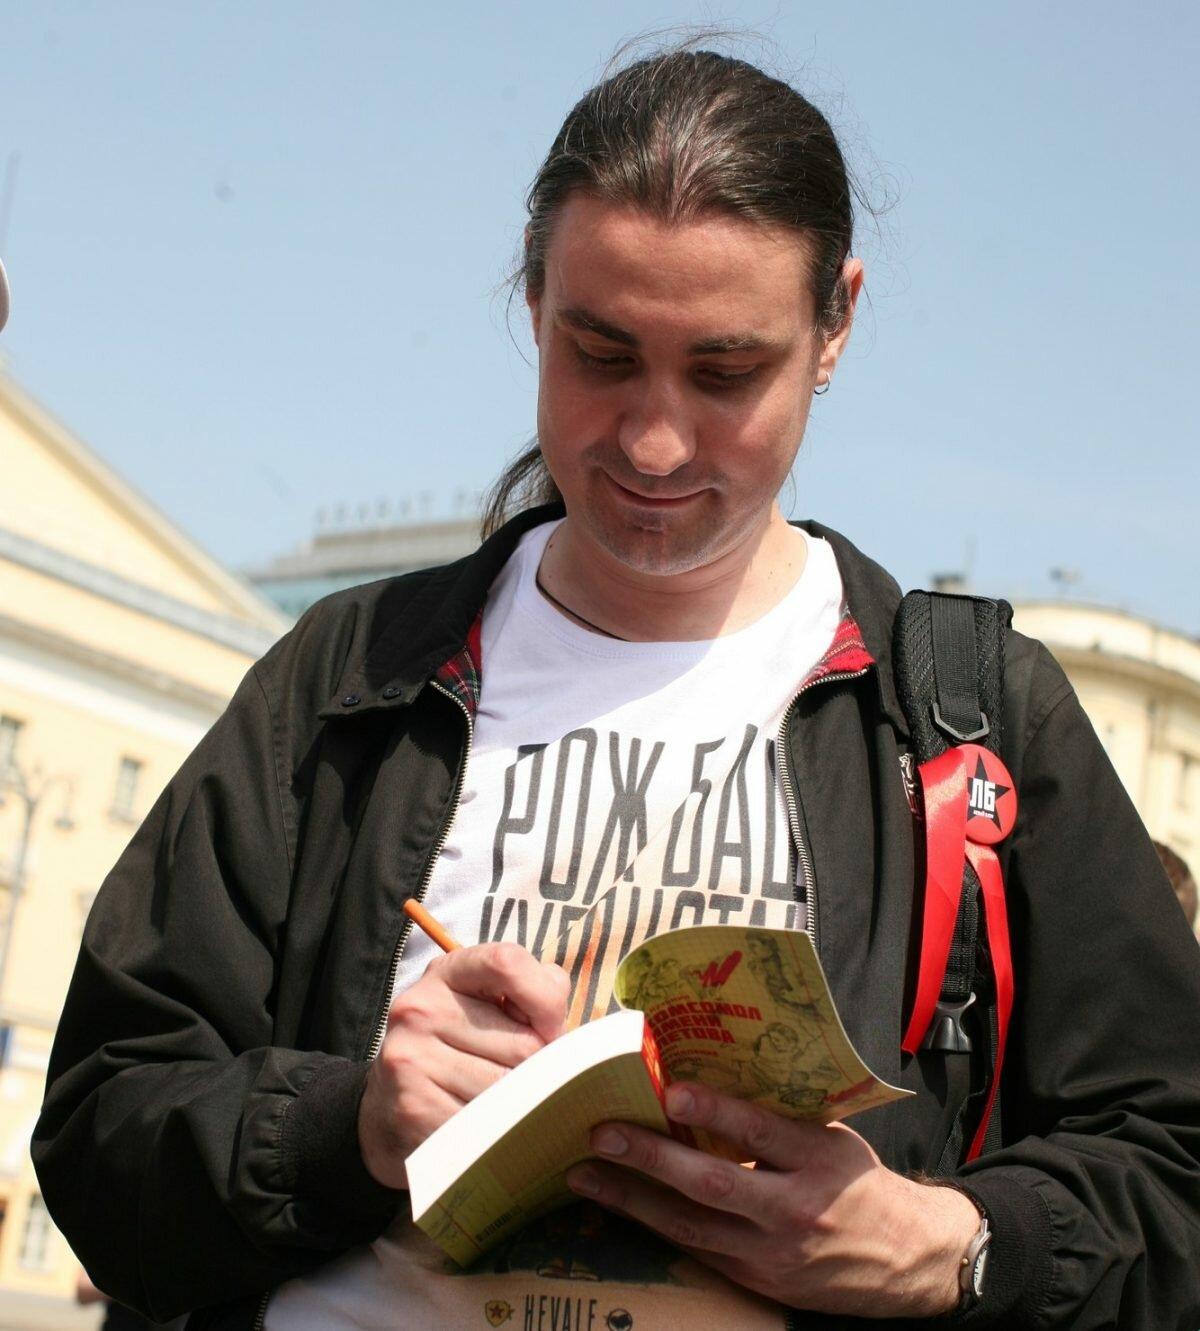 Москва: обыск и допросы по делу о «беспорядках»